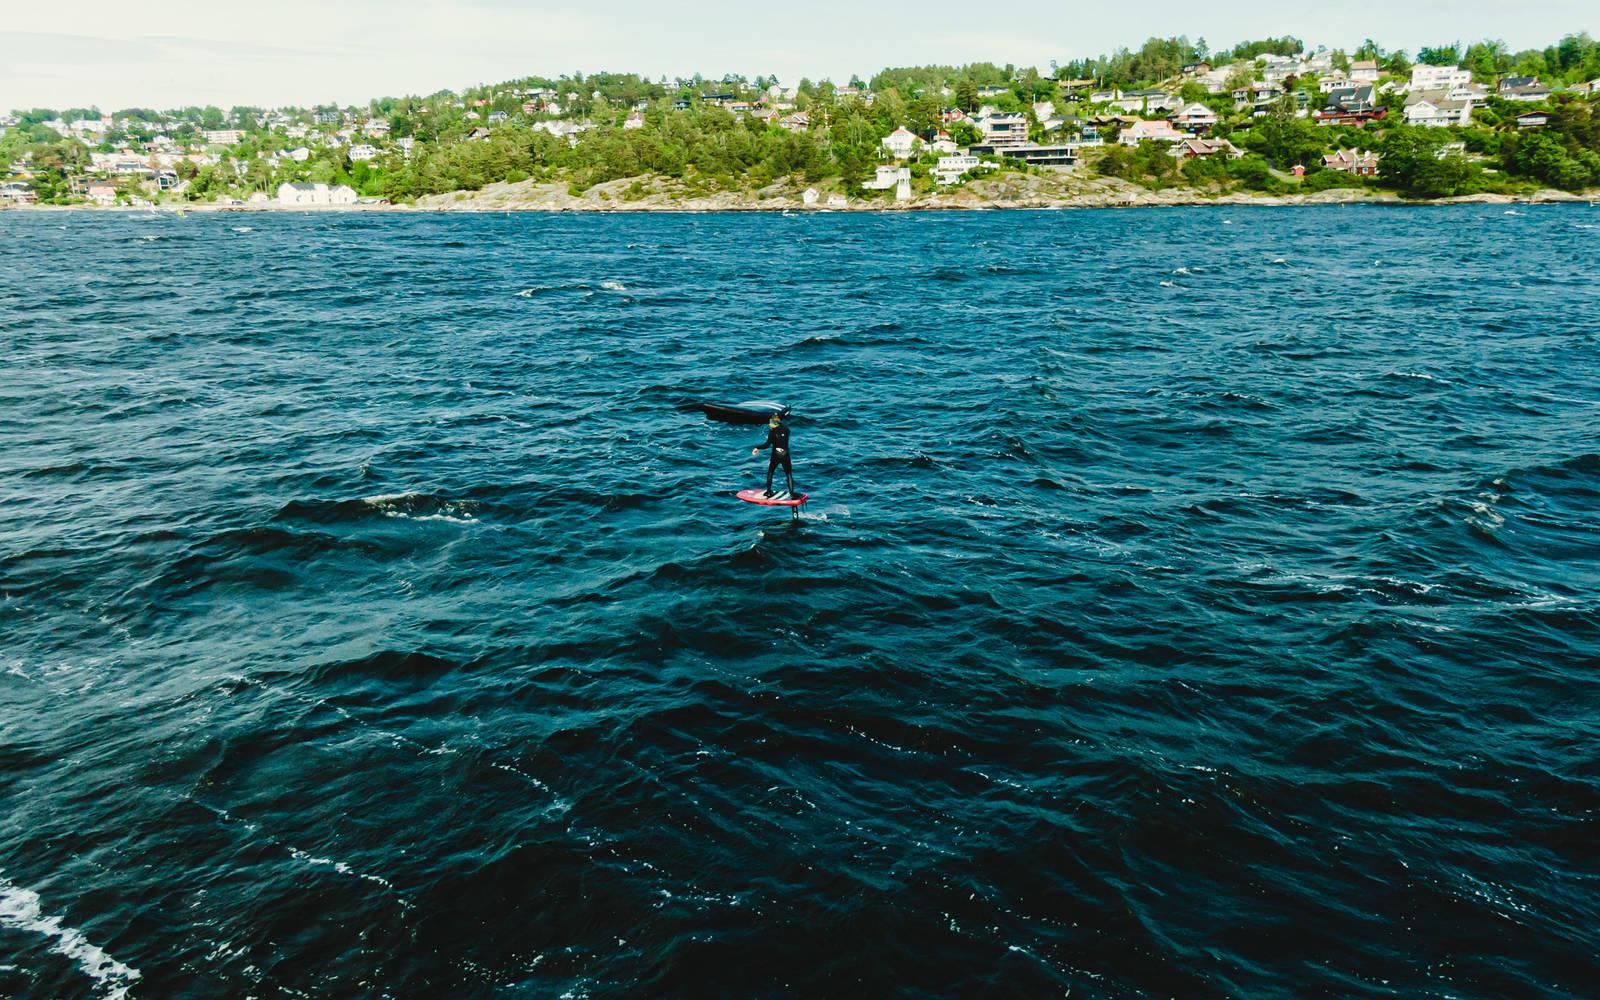 Som om ikke de lange rittene var imponerende nok, så var det ett kryss ut fjorden, så var Kjellstrøm tilbake til et nytt drag - flere hundre meter lenger ut fjorden. Bilde: Christian Nerdrum